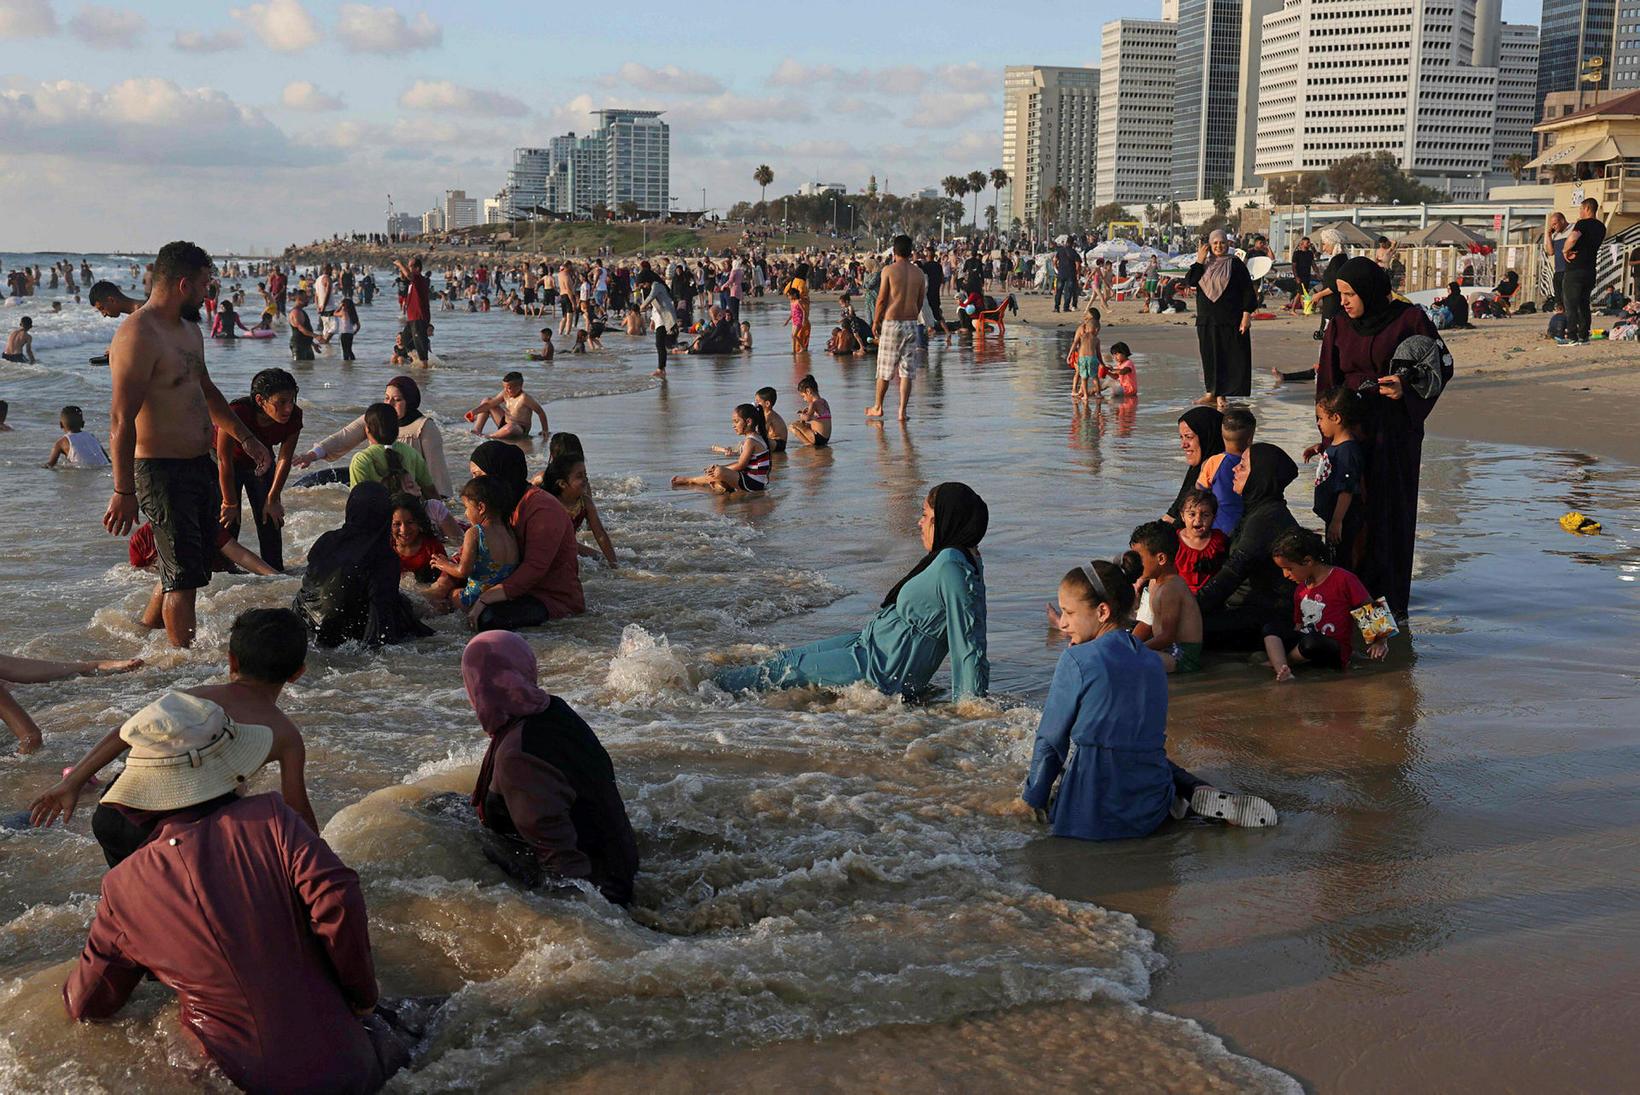 Frá Tel Aviv. Lokadagur Eid al-Adha hátíðarinnar í júlí.